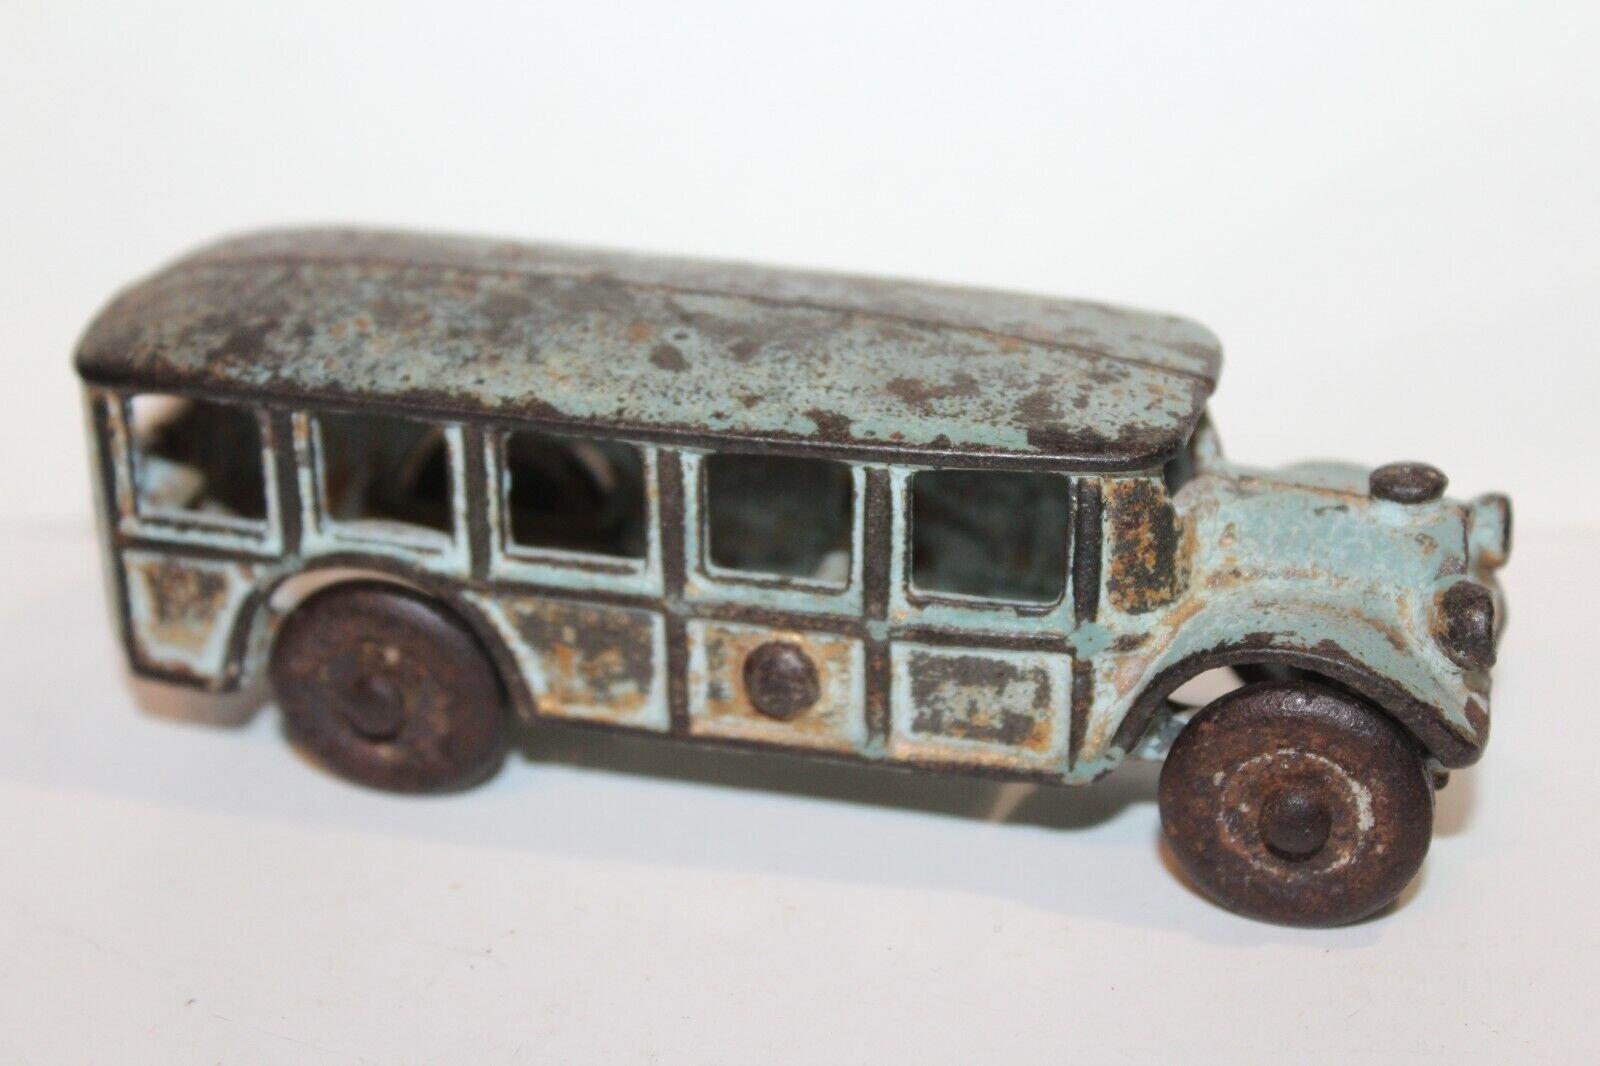 VINTAGE A.C. WILLIAMS CAST IRON 1920'S FAGEOL BUS